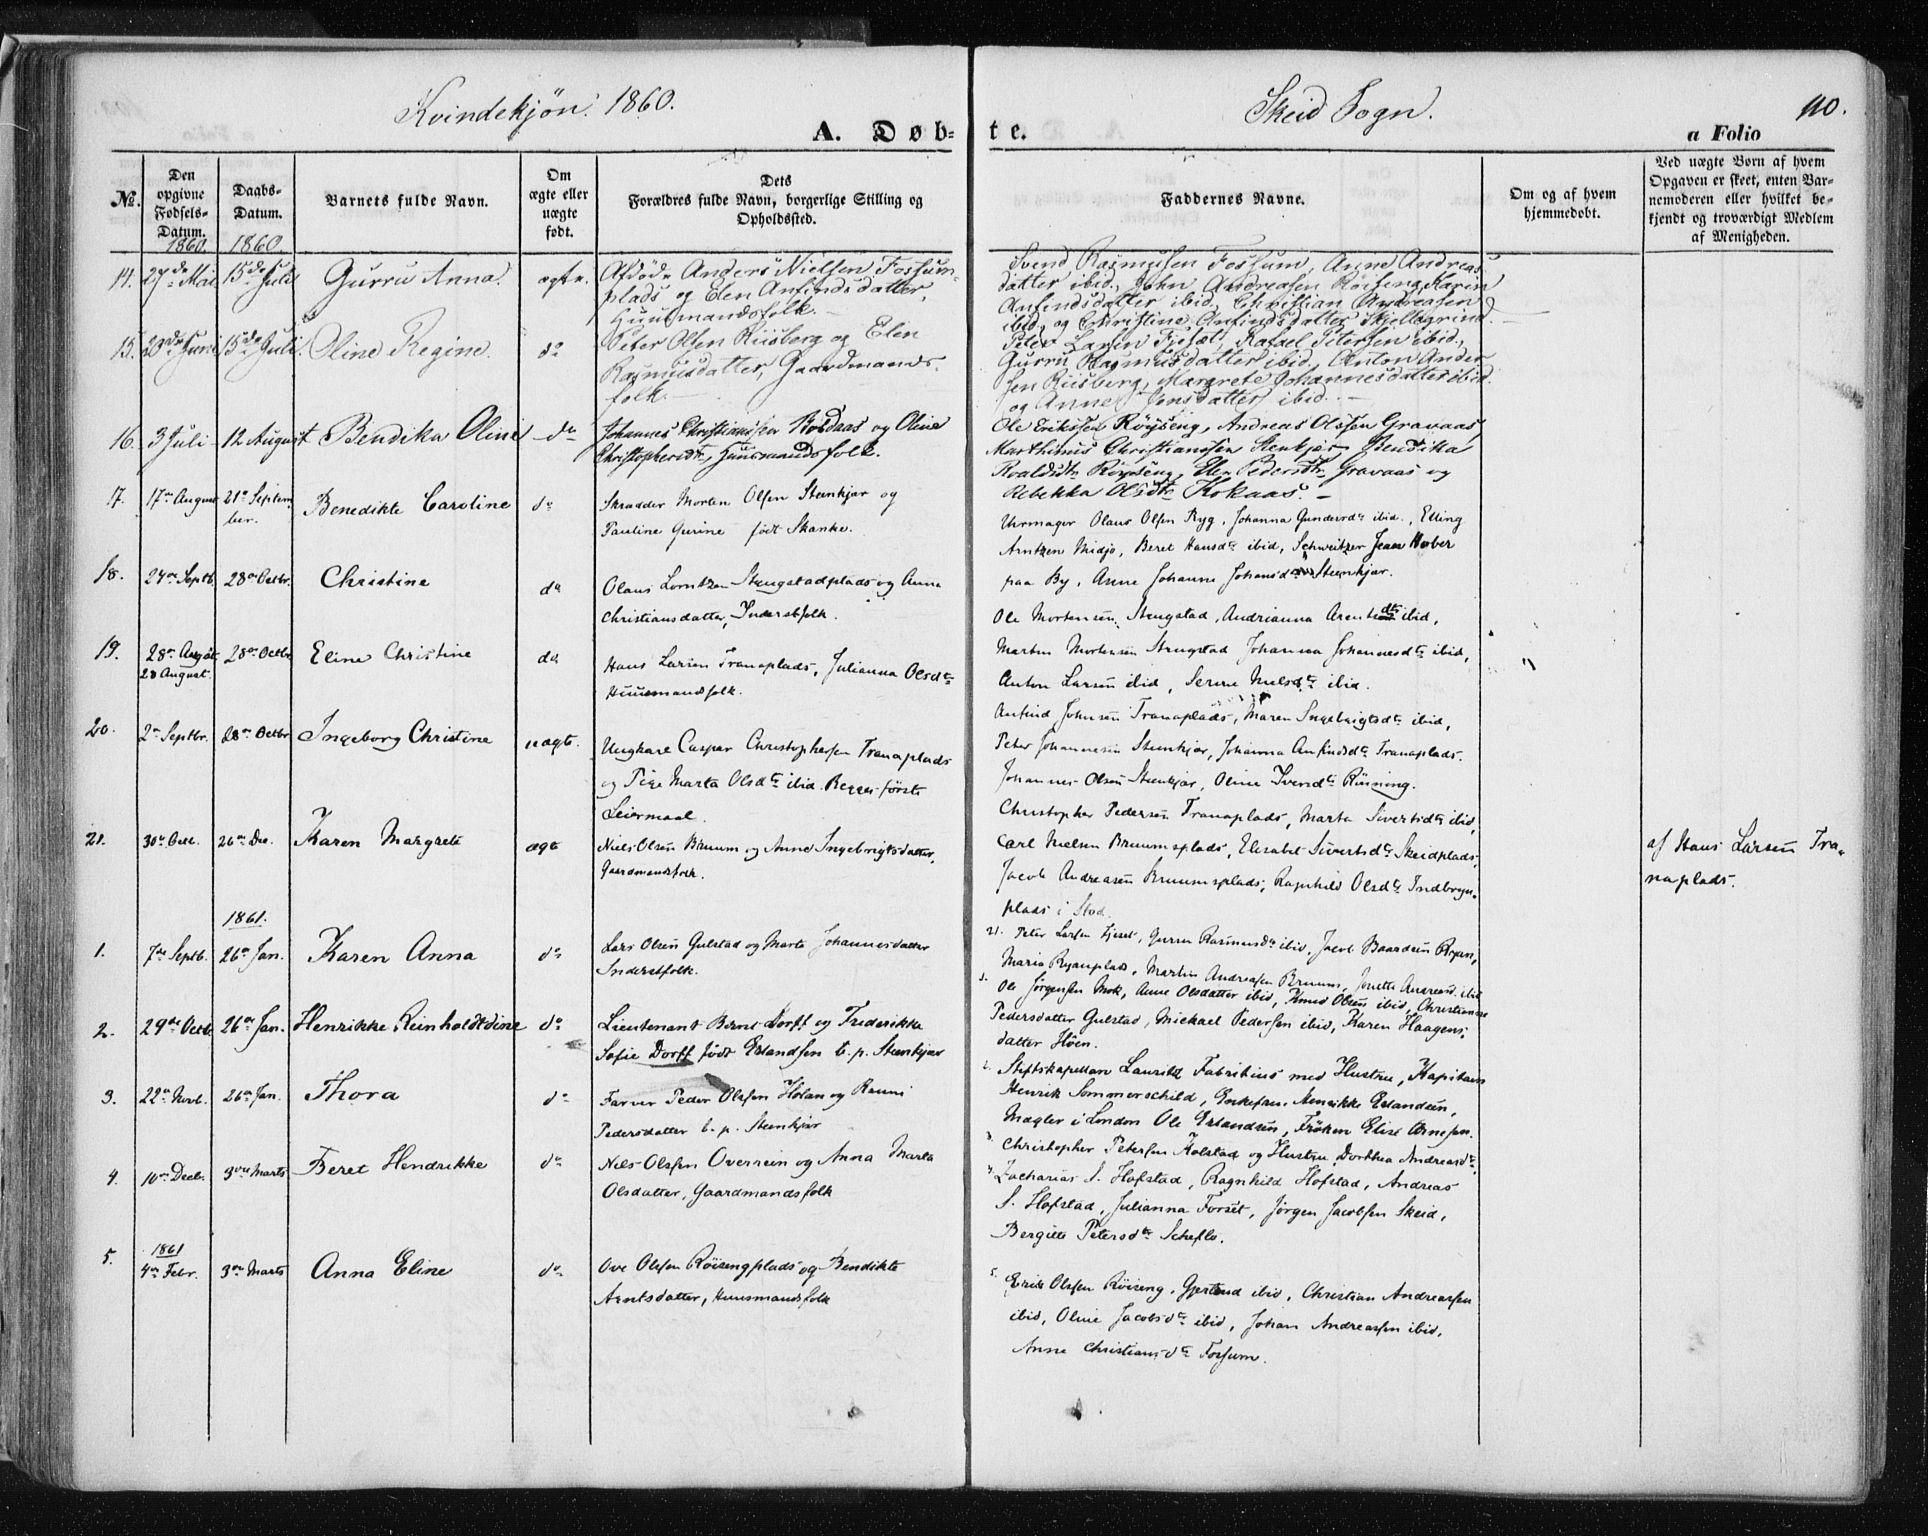 SAT, Ministerialprotokoller, klokkerbøker og fødselsregistre - Nord-Trøndelag, 735/L0342: Ministerialbok nr. 735A07 /2, 1849-1862, s. 110